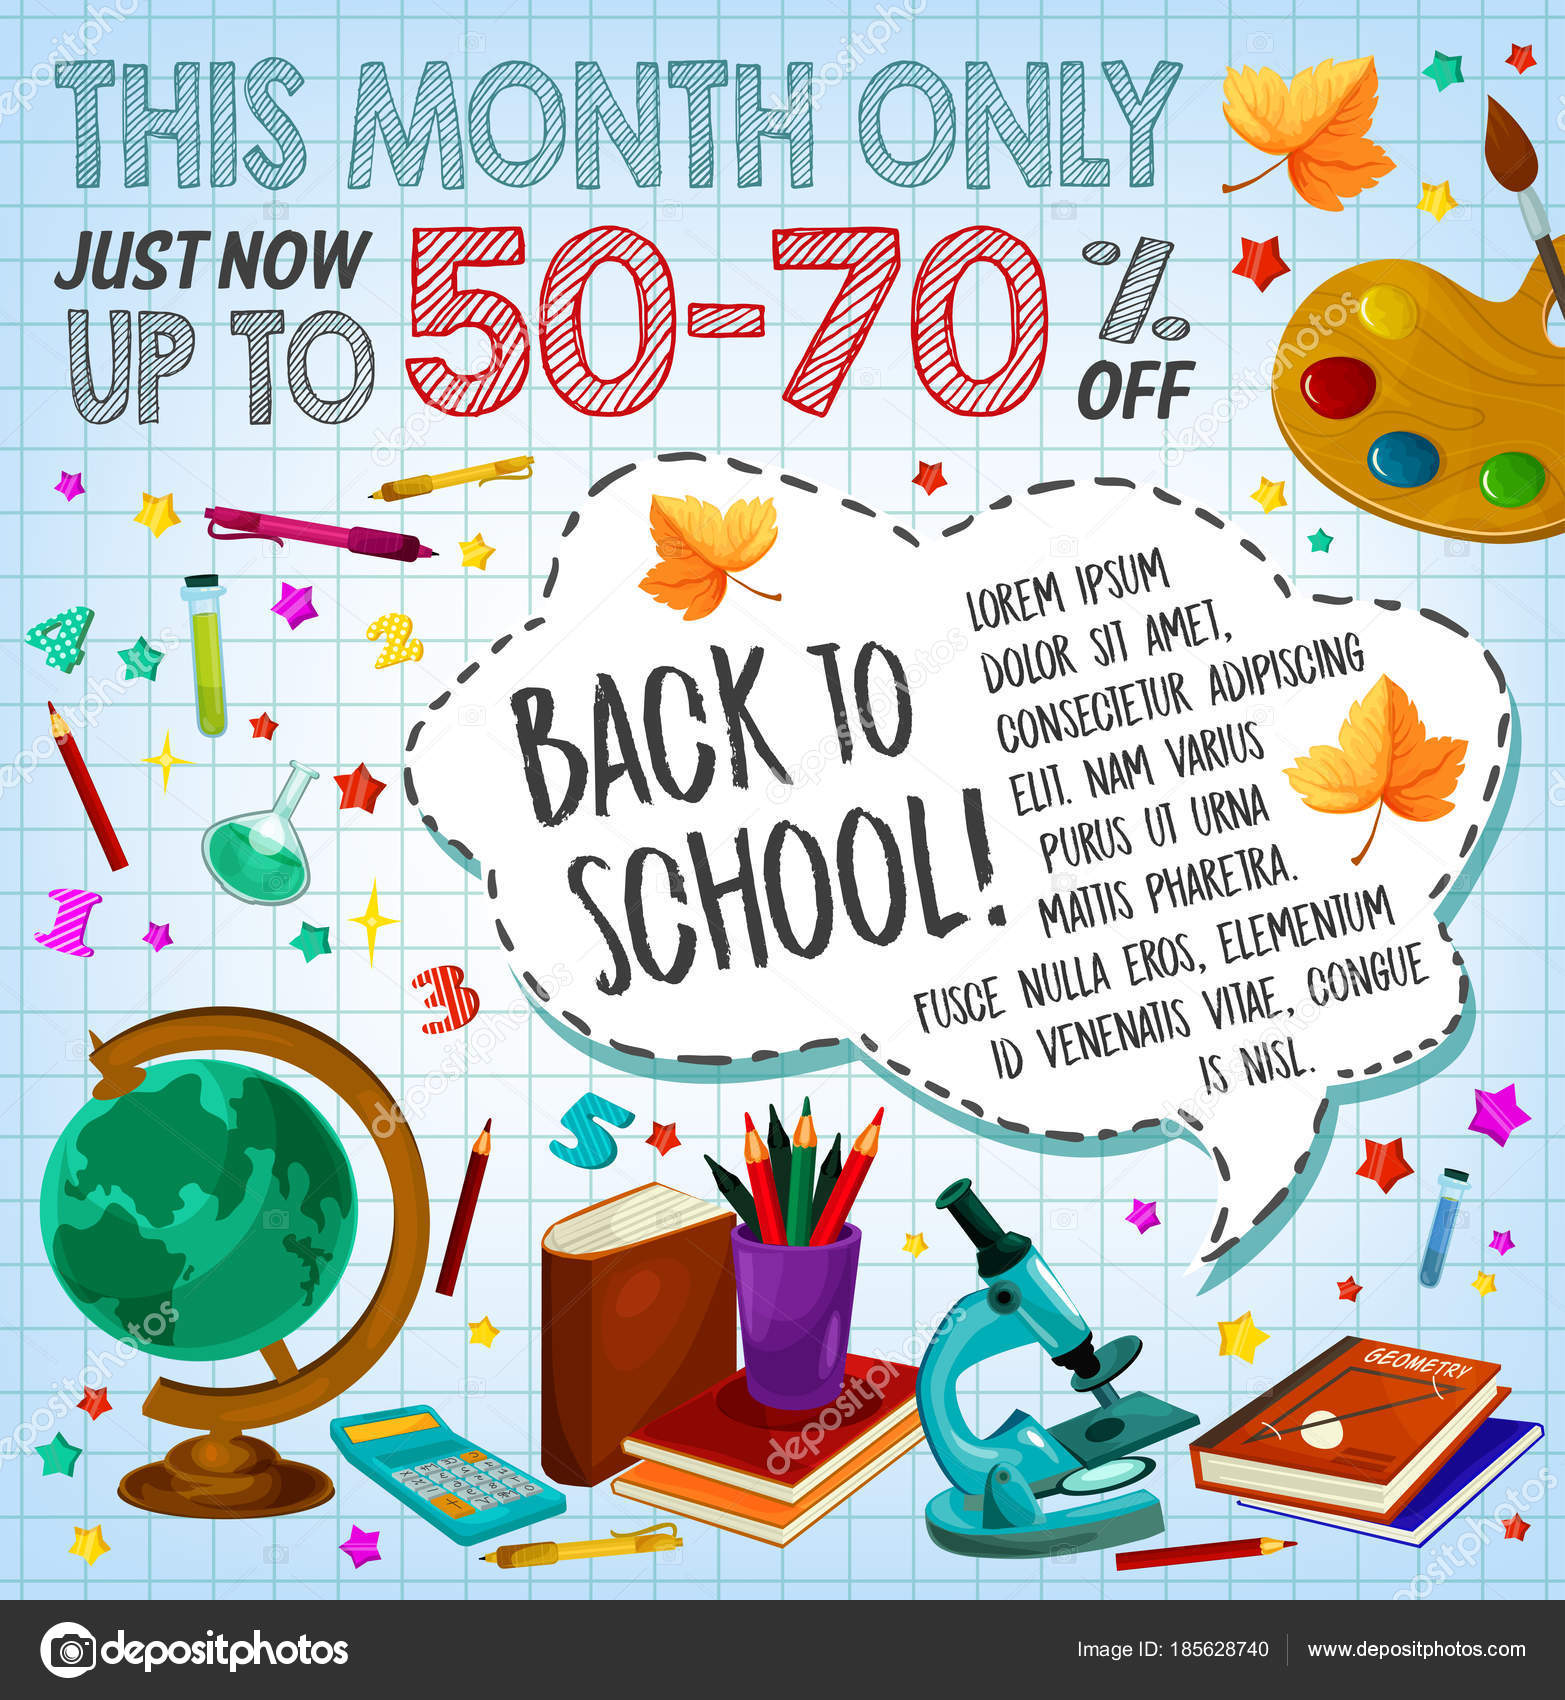 Zurück Zu Schule Verkauf Rabatt Angebot Poster Design Stockvektor